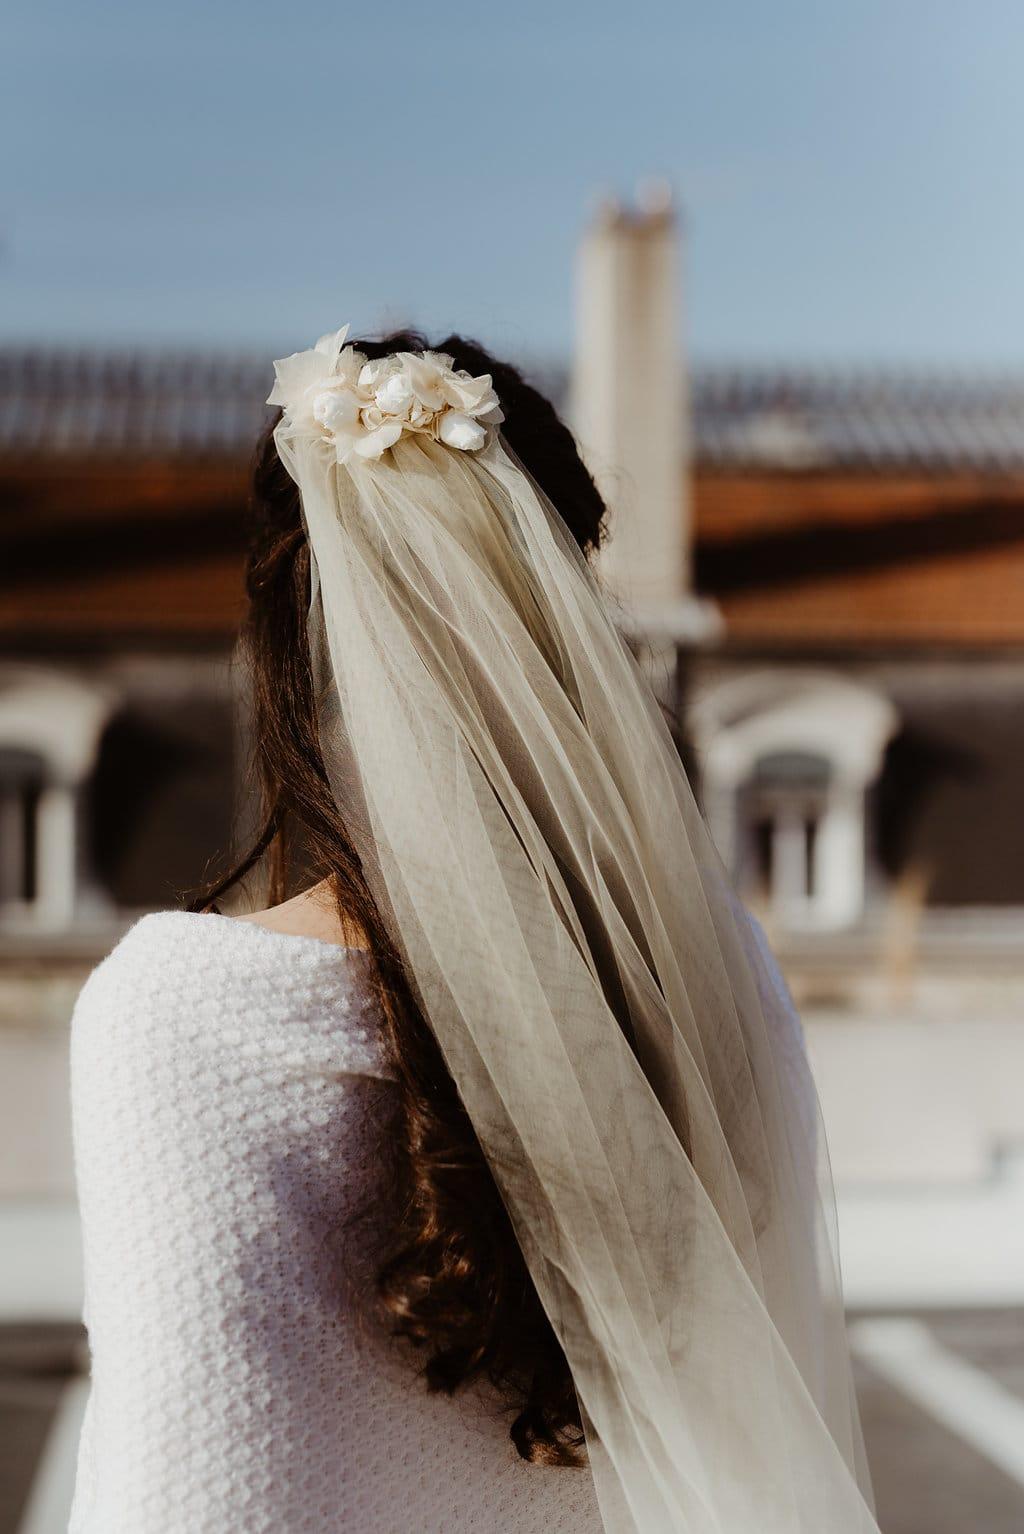 Voiles de mariée en fleurs - L'amoureuse by Ingrid Fey et les Fleurs Dupont - Photo Anaïs Nannini